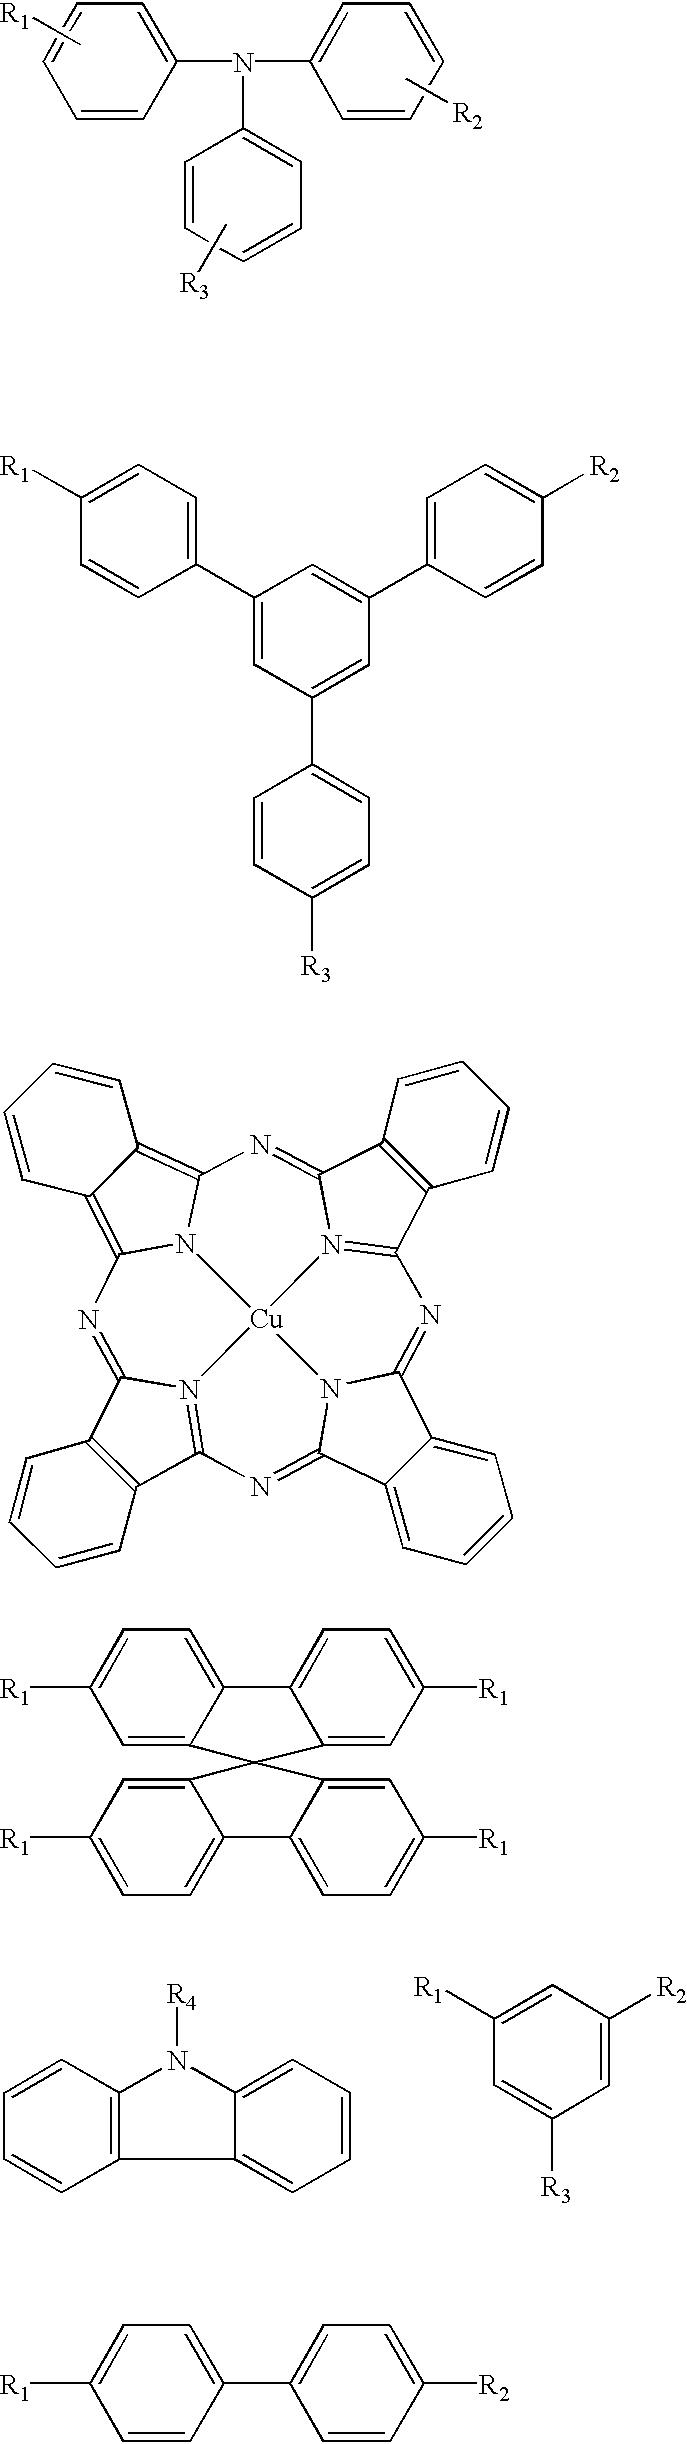 Figure US20030087127A1-20030508-C00016